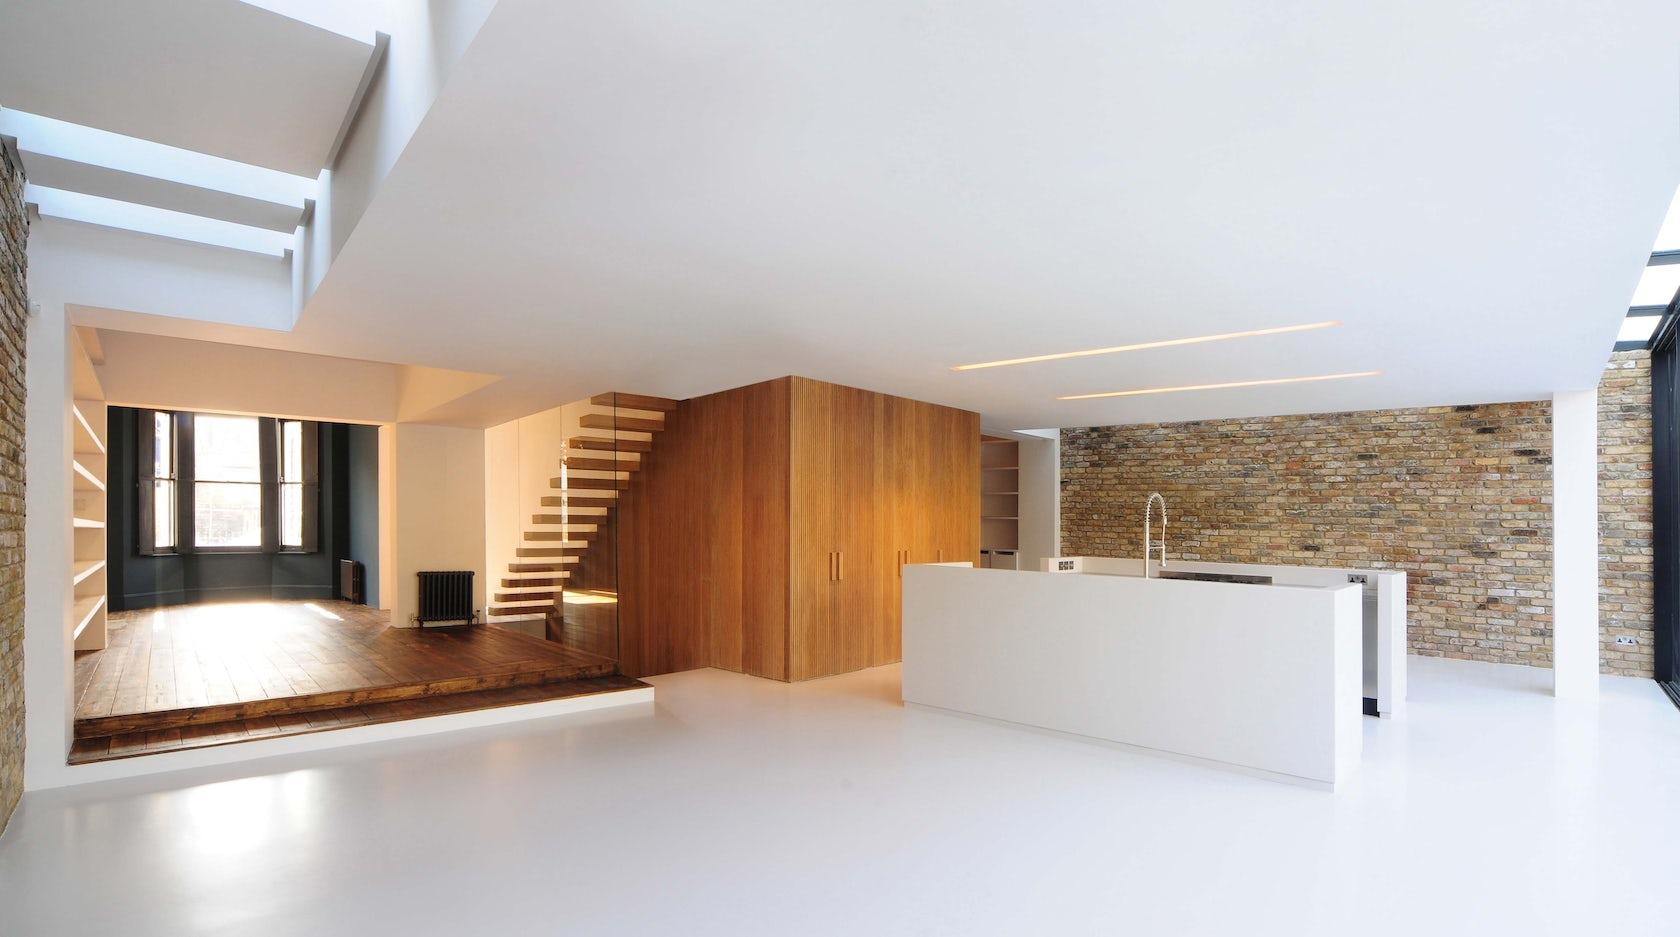 homemade architizer. Black Bedroom Furniture Sets. Home Design Ideas